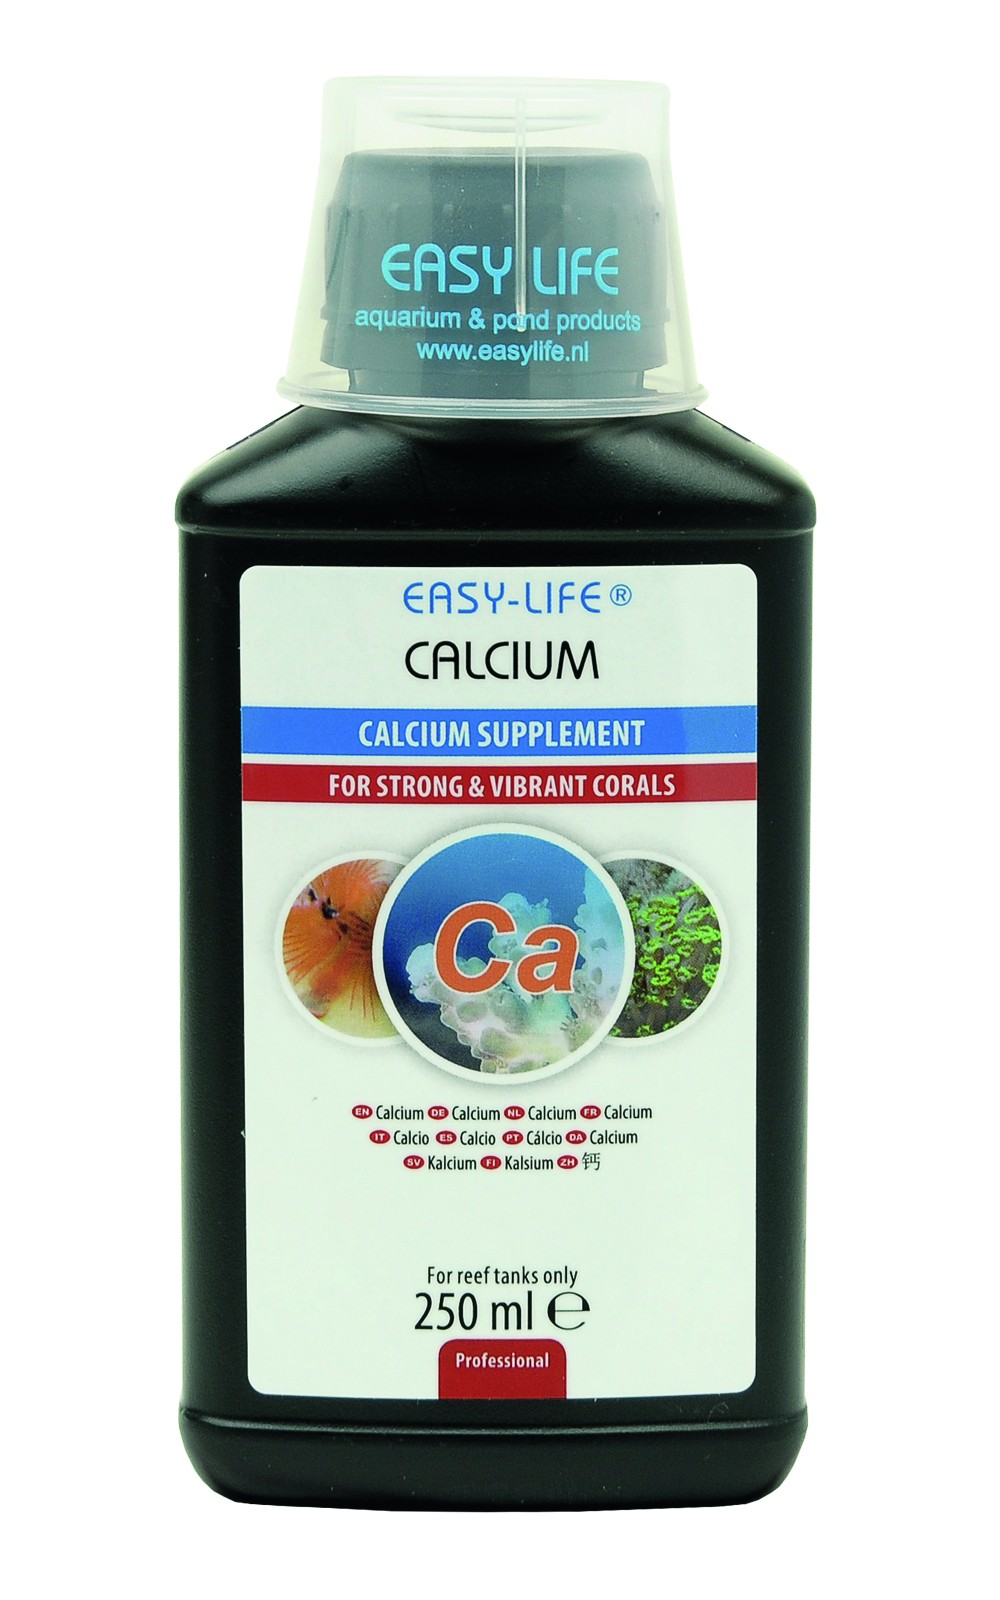 EASY-LIFE Calcium 250ml source de calcium concentrée et puissante pour des coraux sains et merveilleux